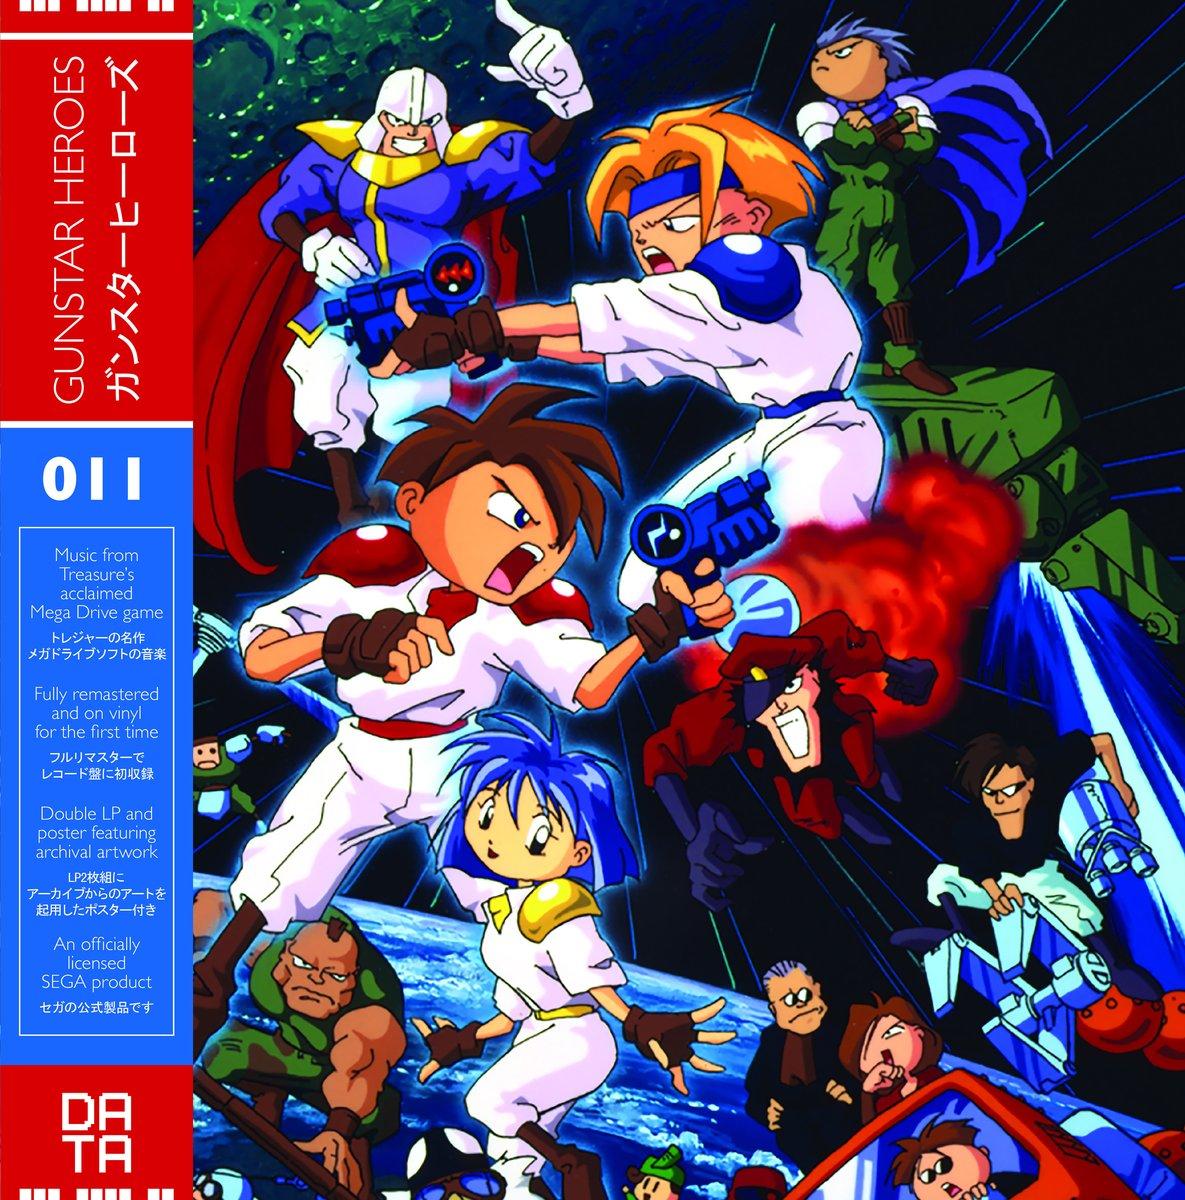 Stile e personalità pure sulla copertina della colonna sonora.